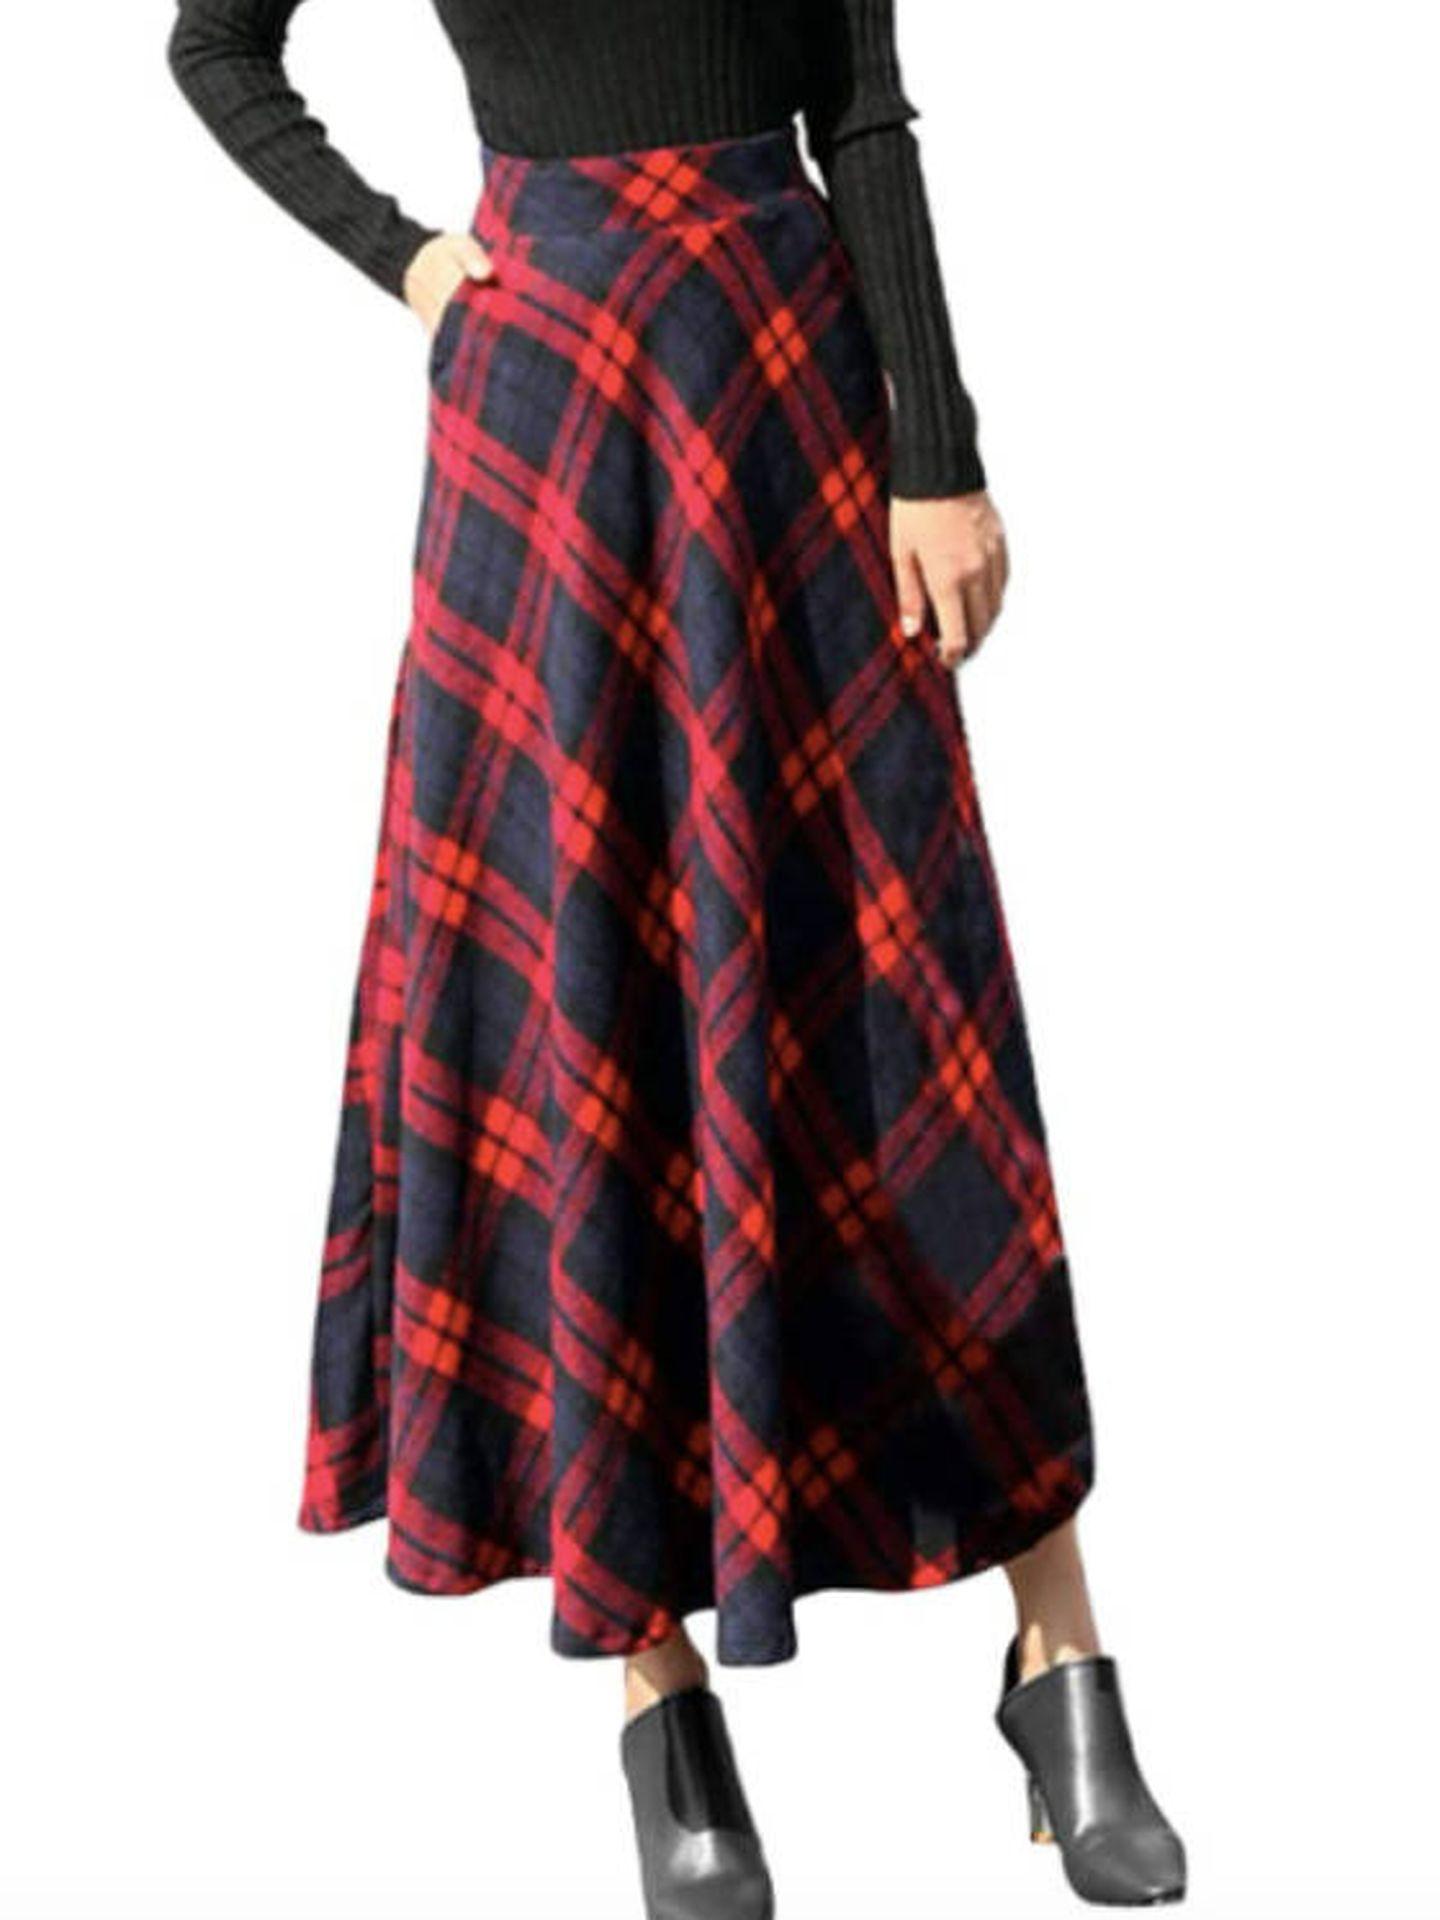 Falda de Lenfesh. (Cortesía)